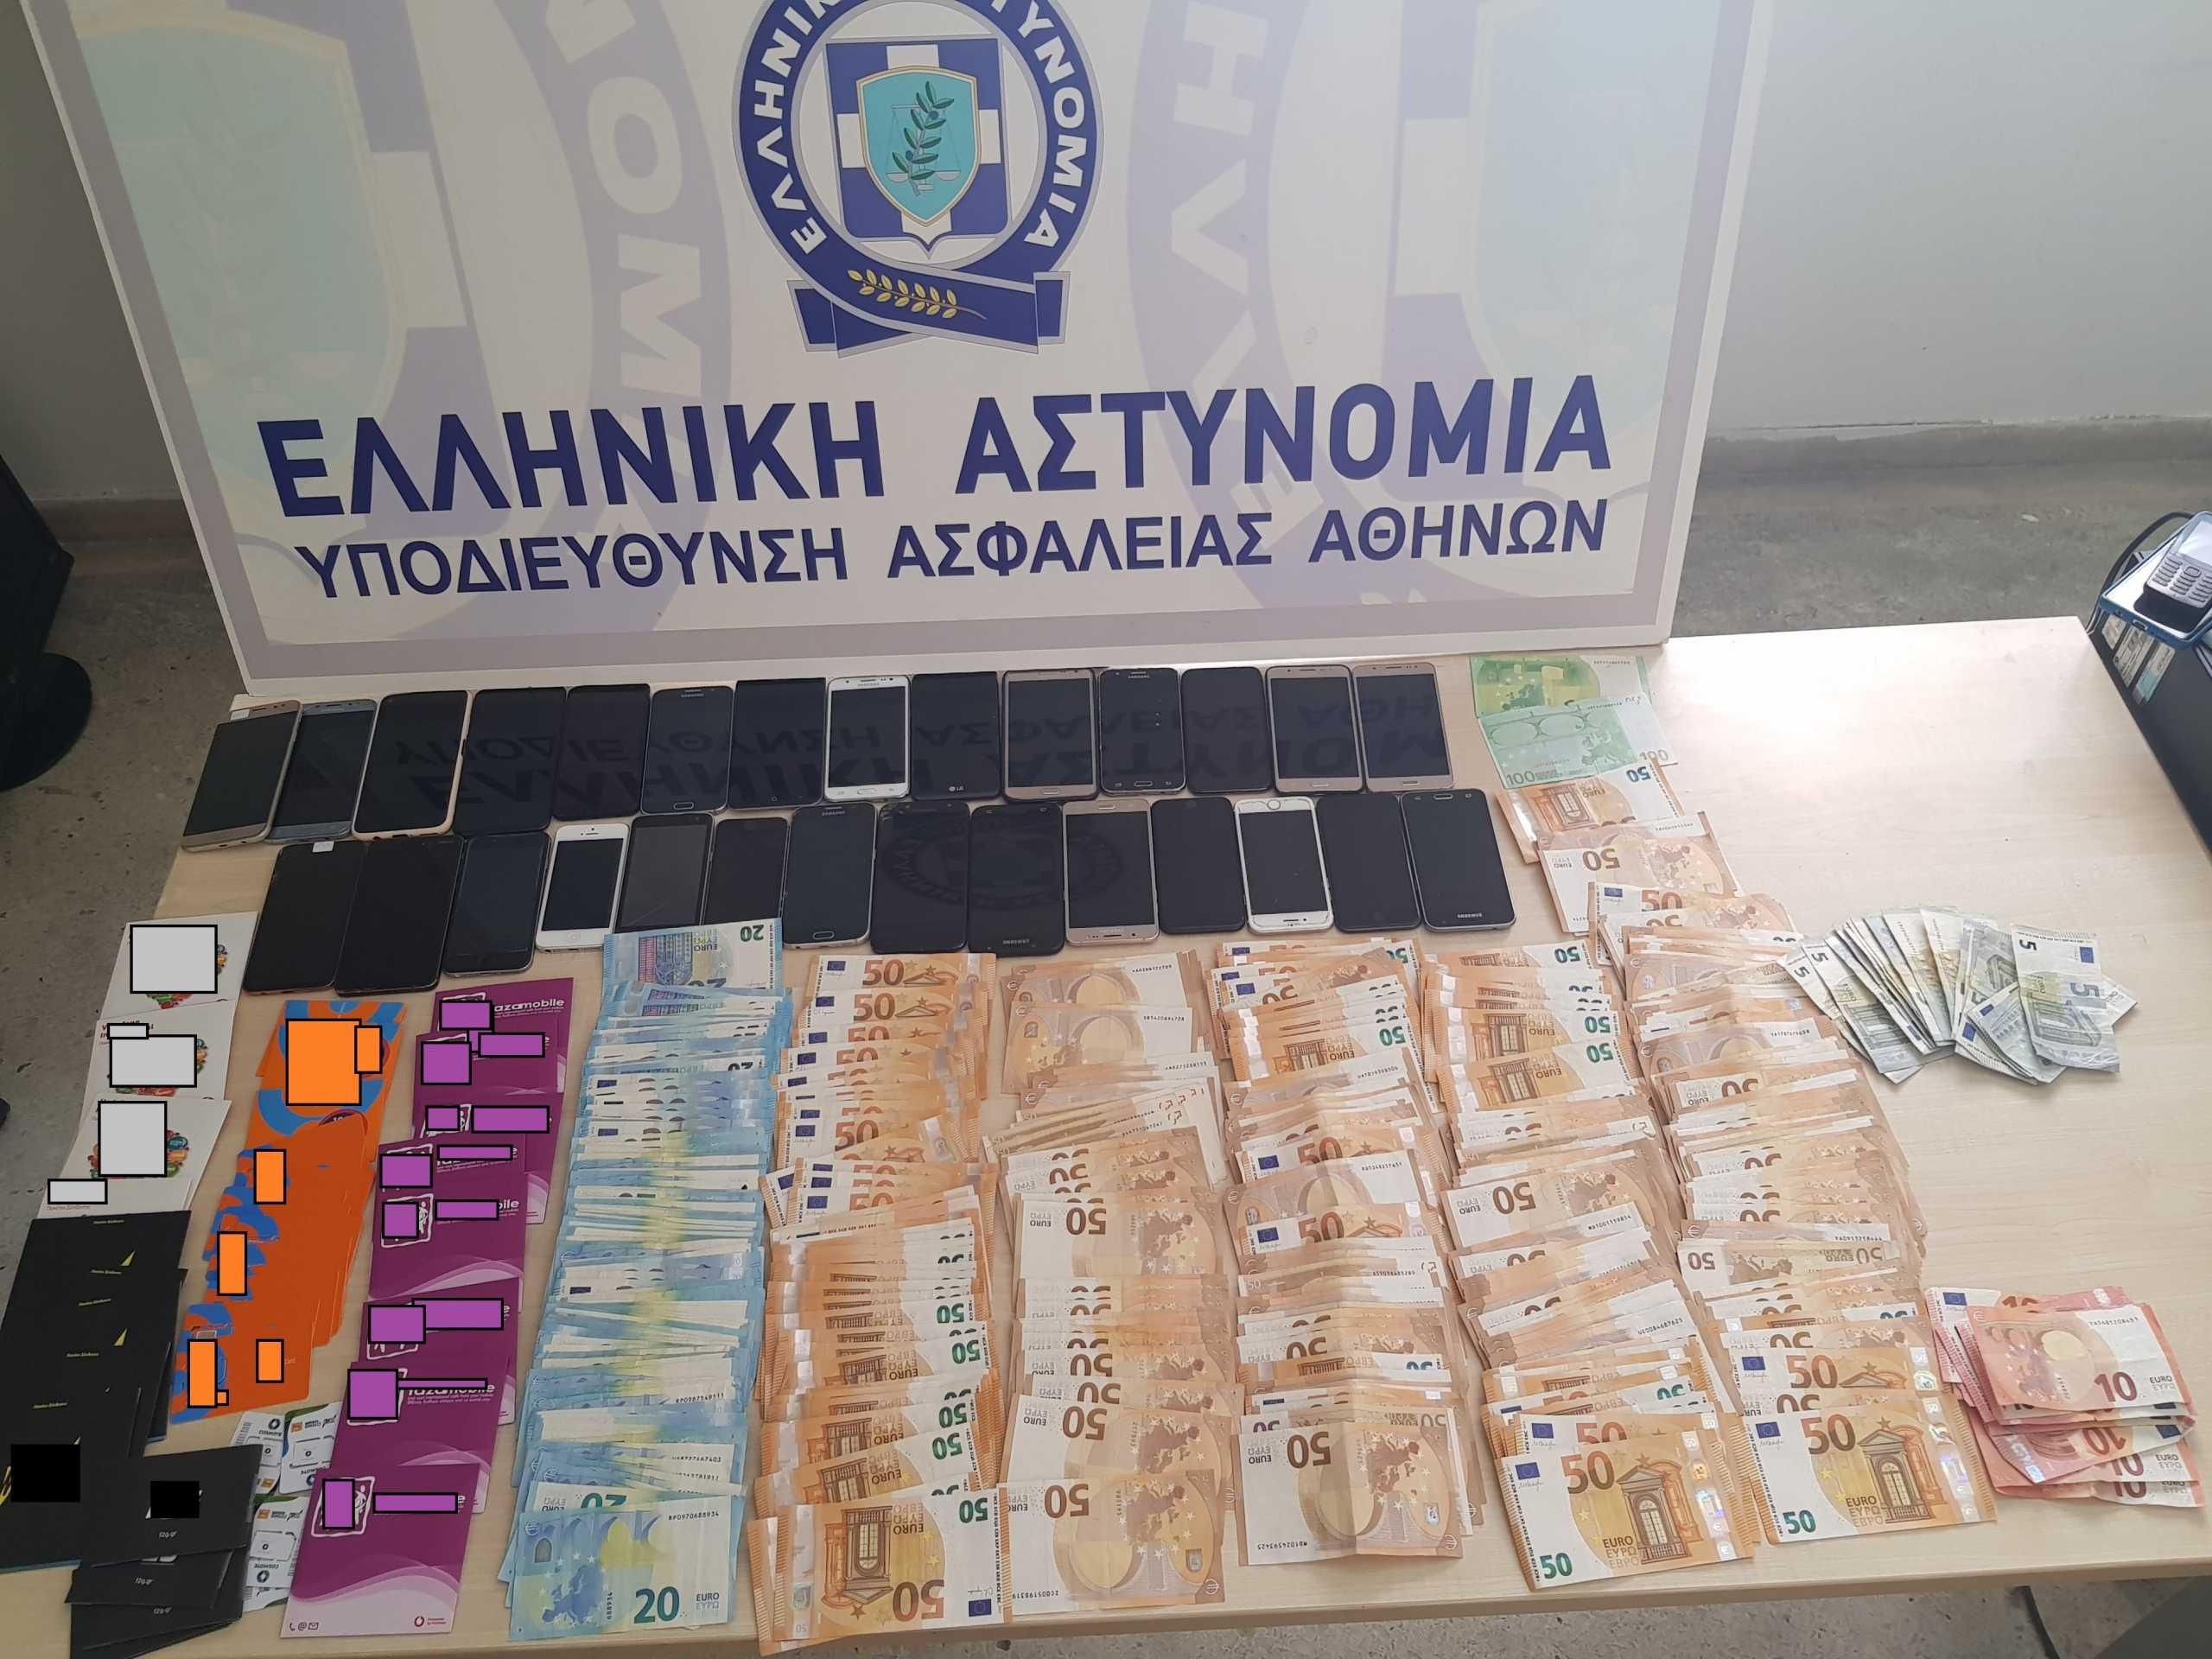 Δέκα συλλήψεις για κύκλωμα που έκλεβε αυτοκίνητα και διακινούσε ναρκωτικά – Ταυτοποιήθηκαν 480 συναλλαγές κοκαΐνης (pics)